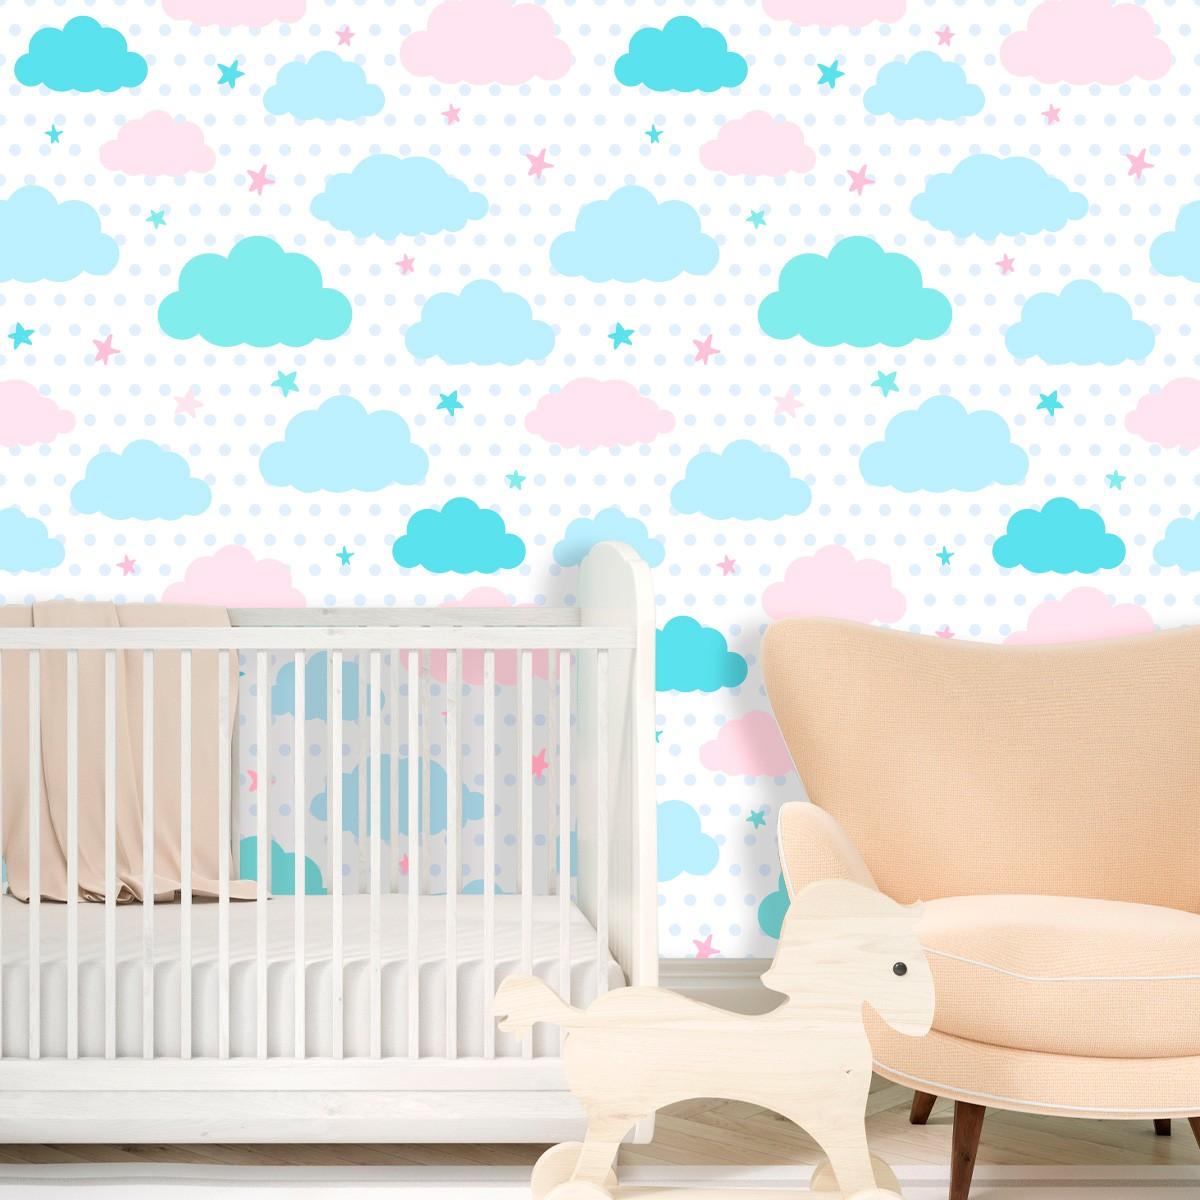 Papel de Parede Poa Nuvens Estrelas Colorida Bebê Adesivo